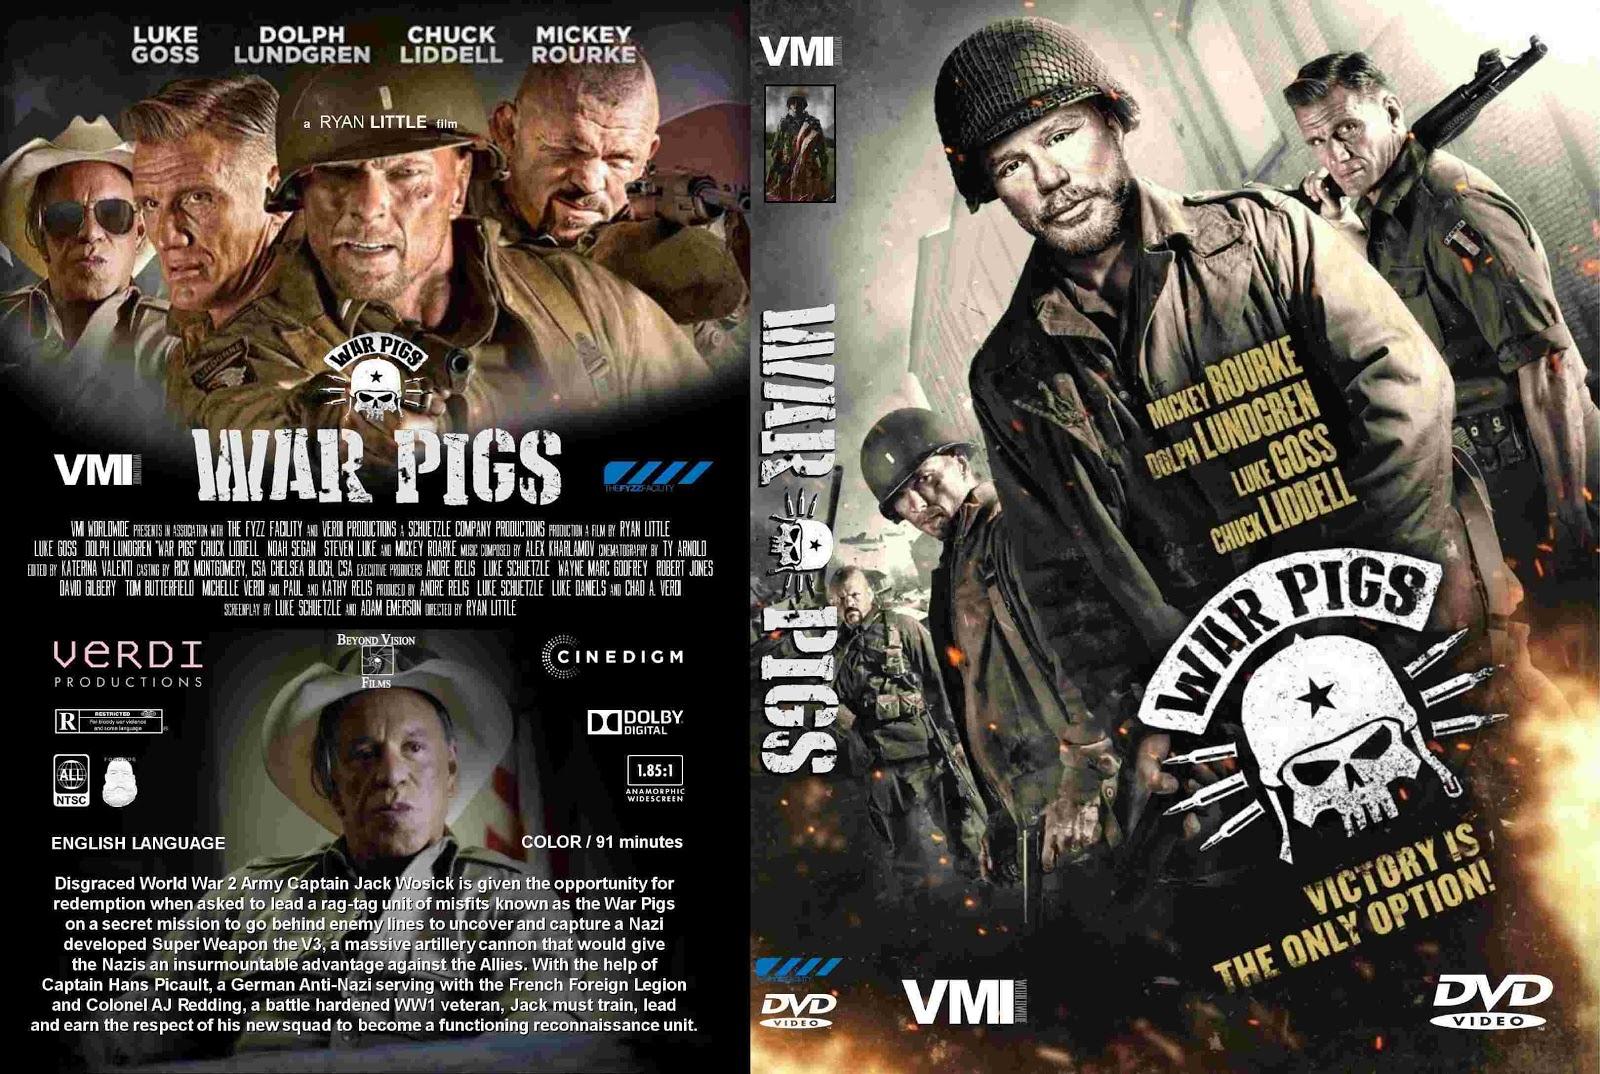 Filme Marcas Da Guerra regarding marcas da guerra - war pigs (2016) capa dvd - giga in filmes